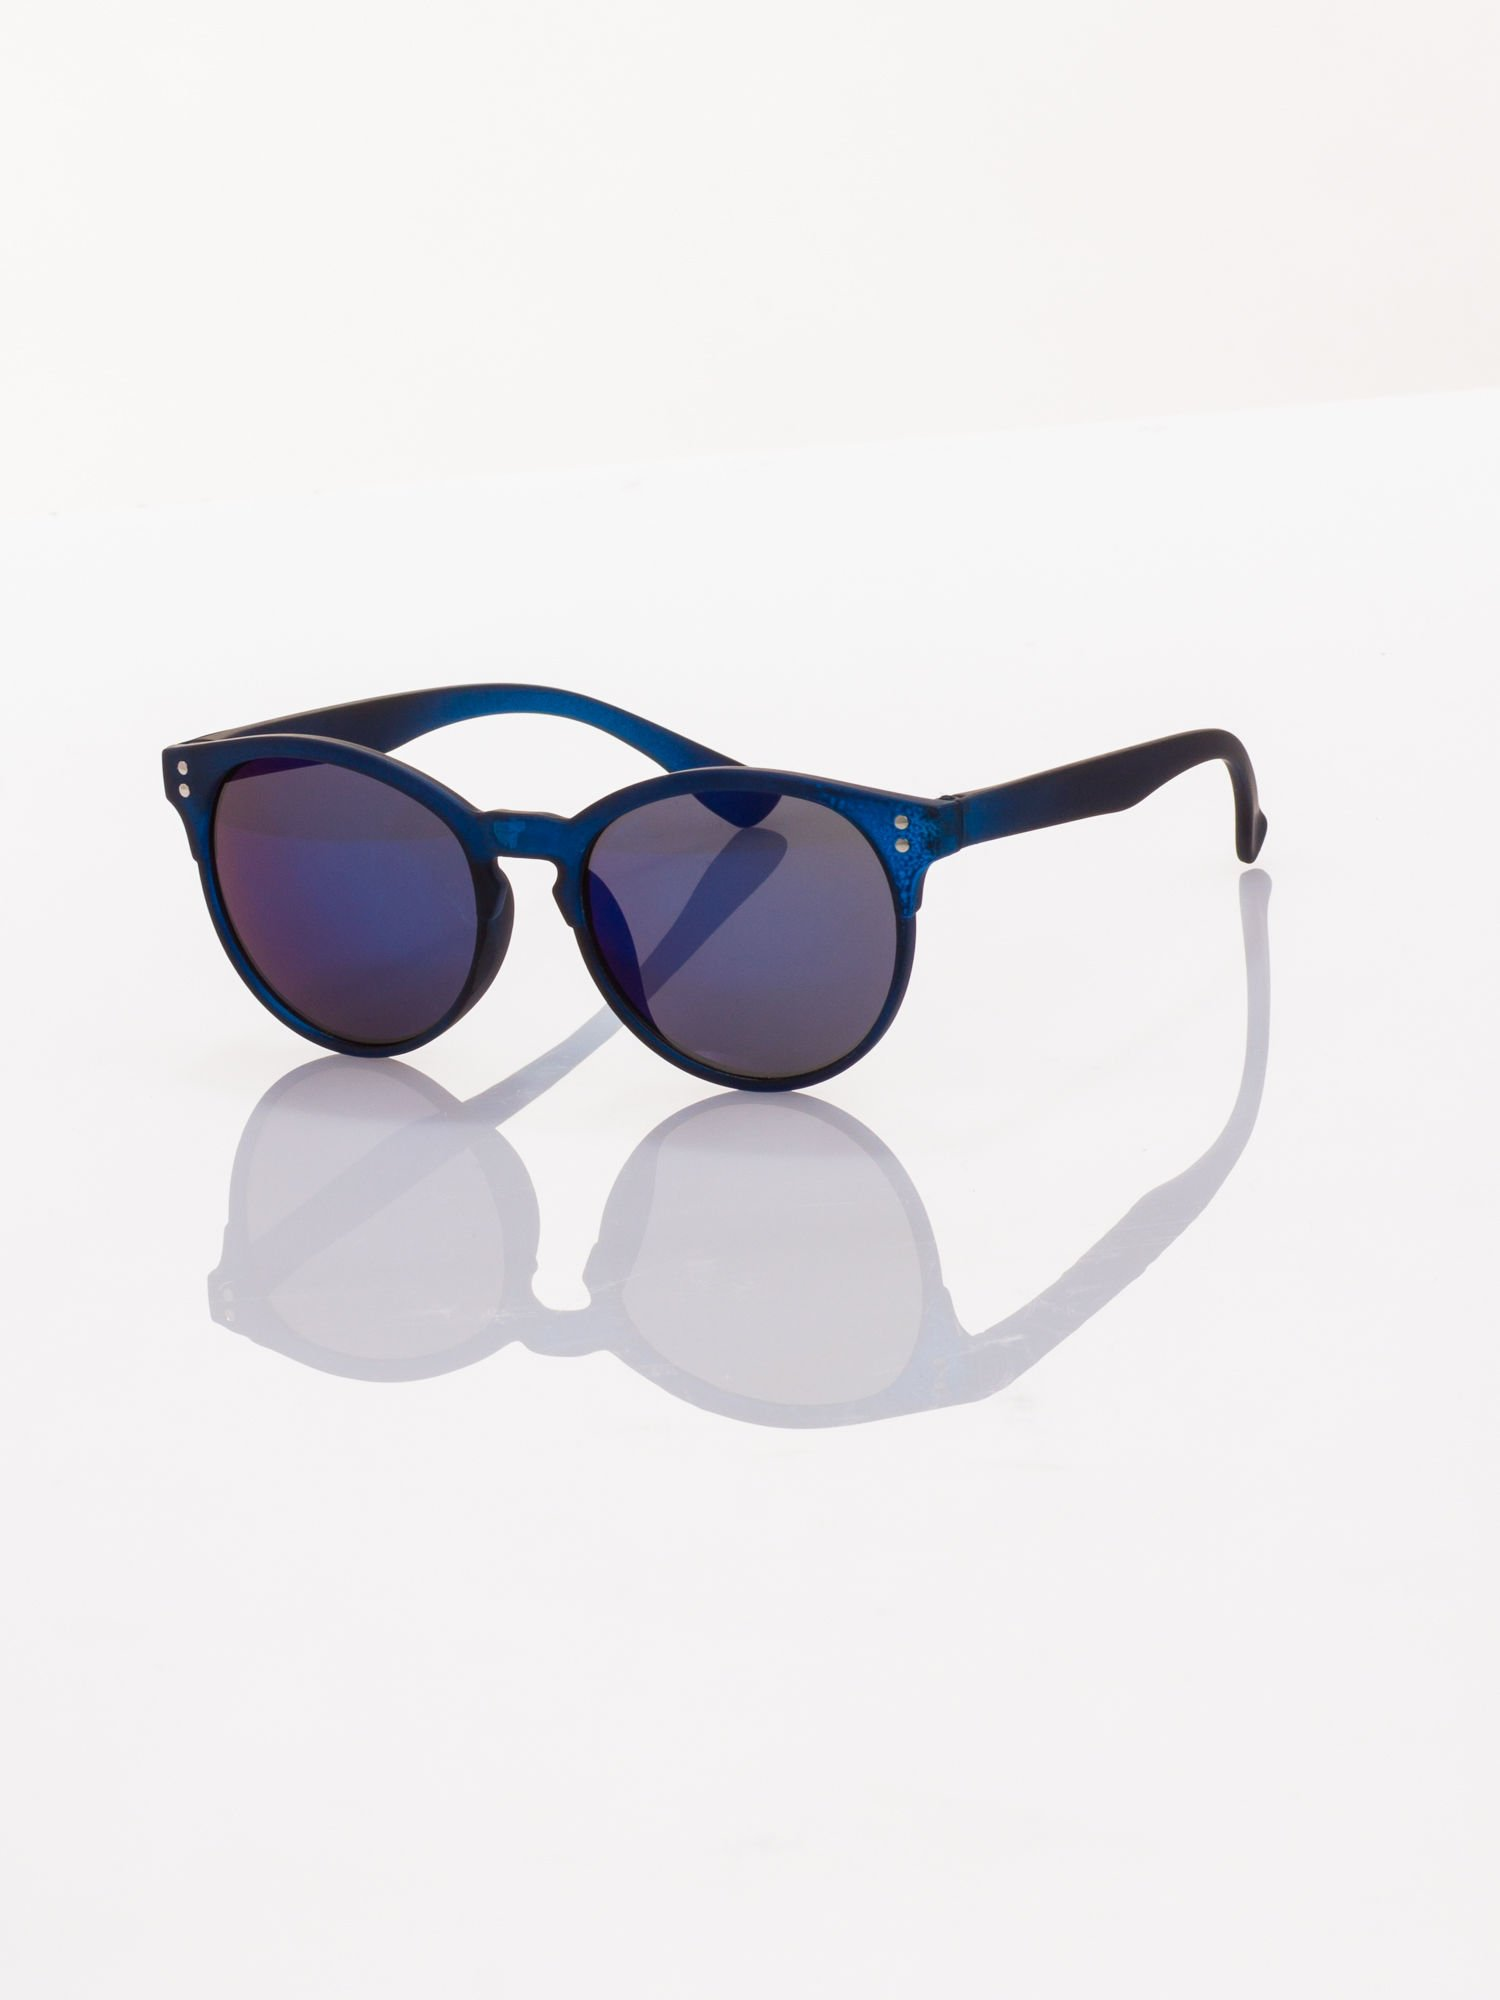 Piękne granatowe okulary przeciwsłoneczne w stylu vintage lustrzanki                                  zdj.                                  1